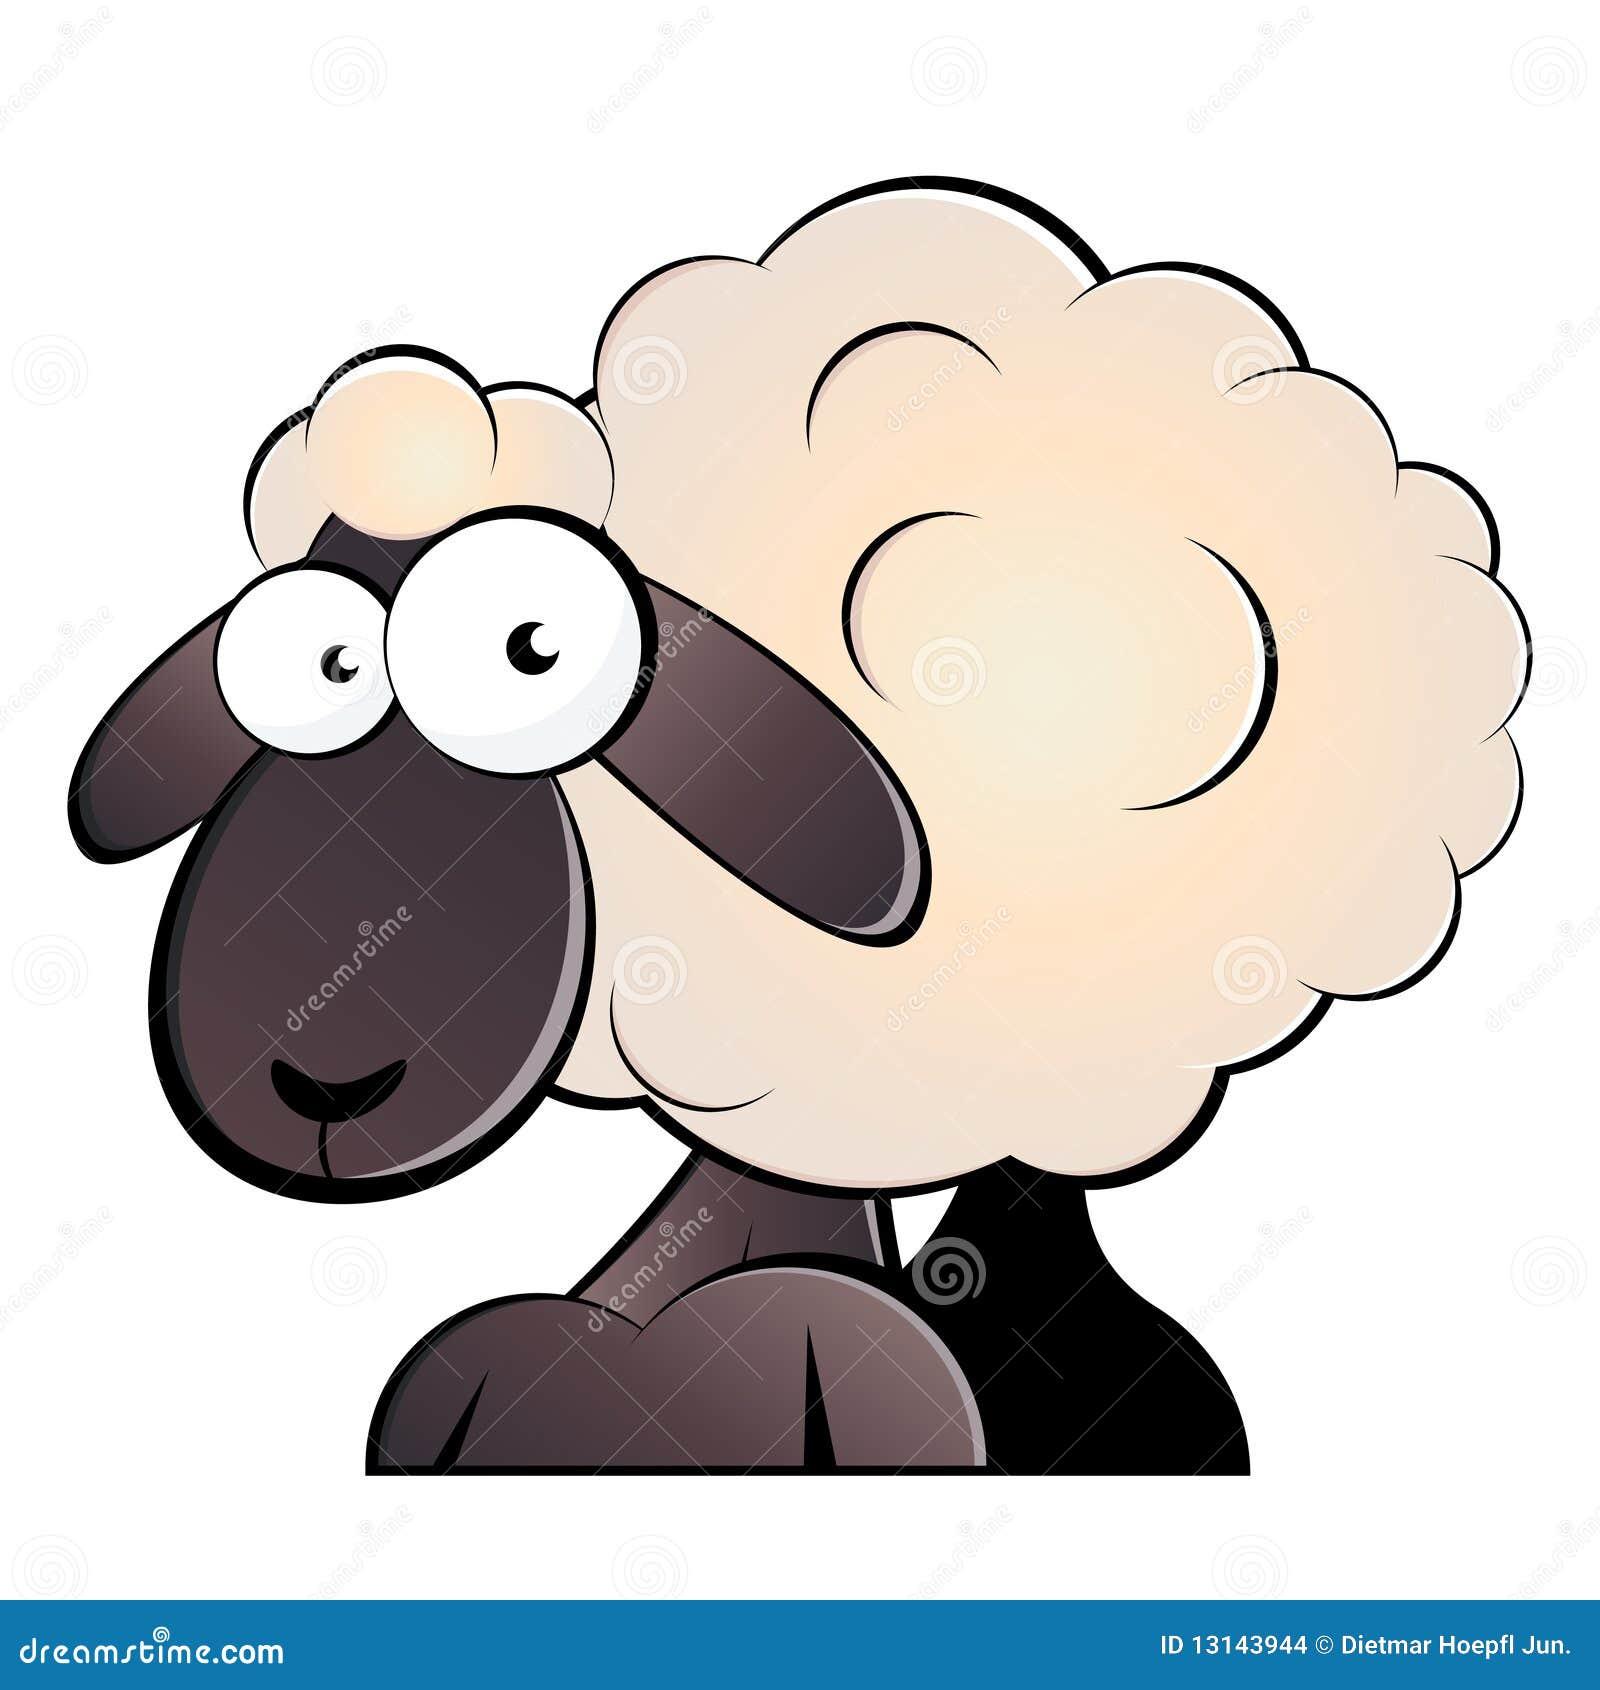 Dessin Anime De Moutons Illustration De Vecteur Illustration Du